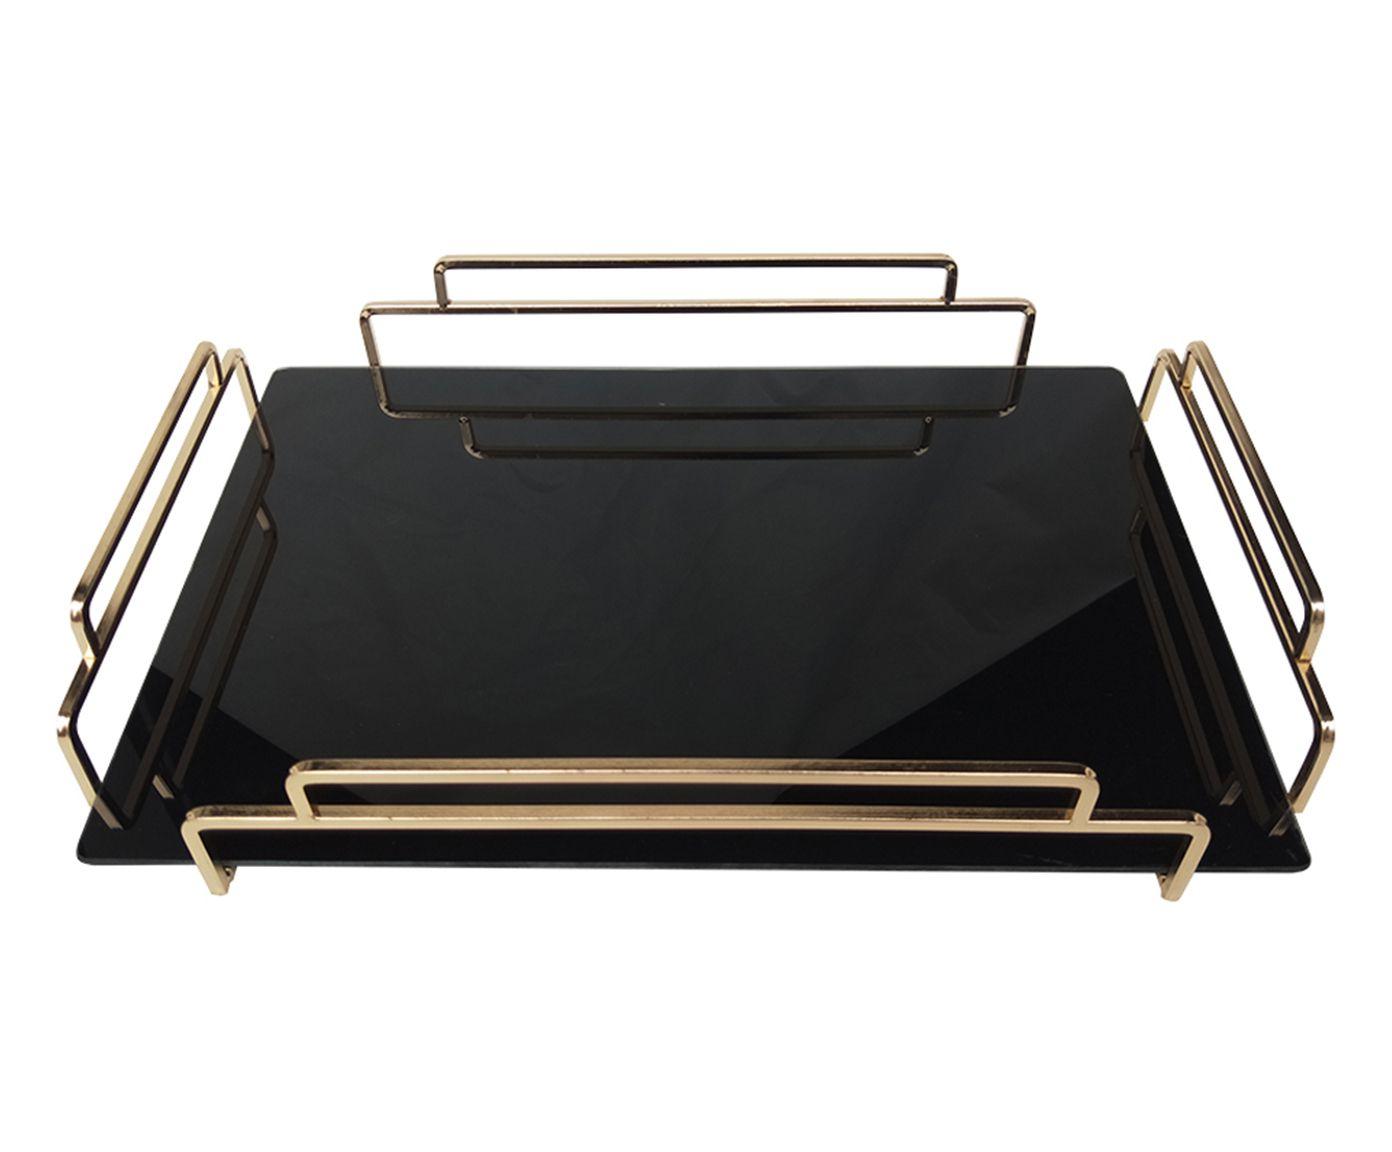 Bandeja Decorativa Adele Preta e Dourada - 46X6X31cm | Westwing.com.br